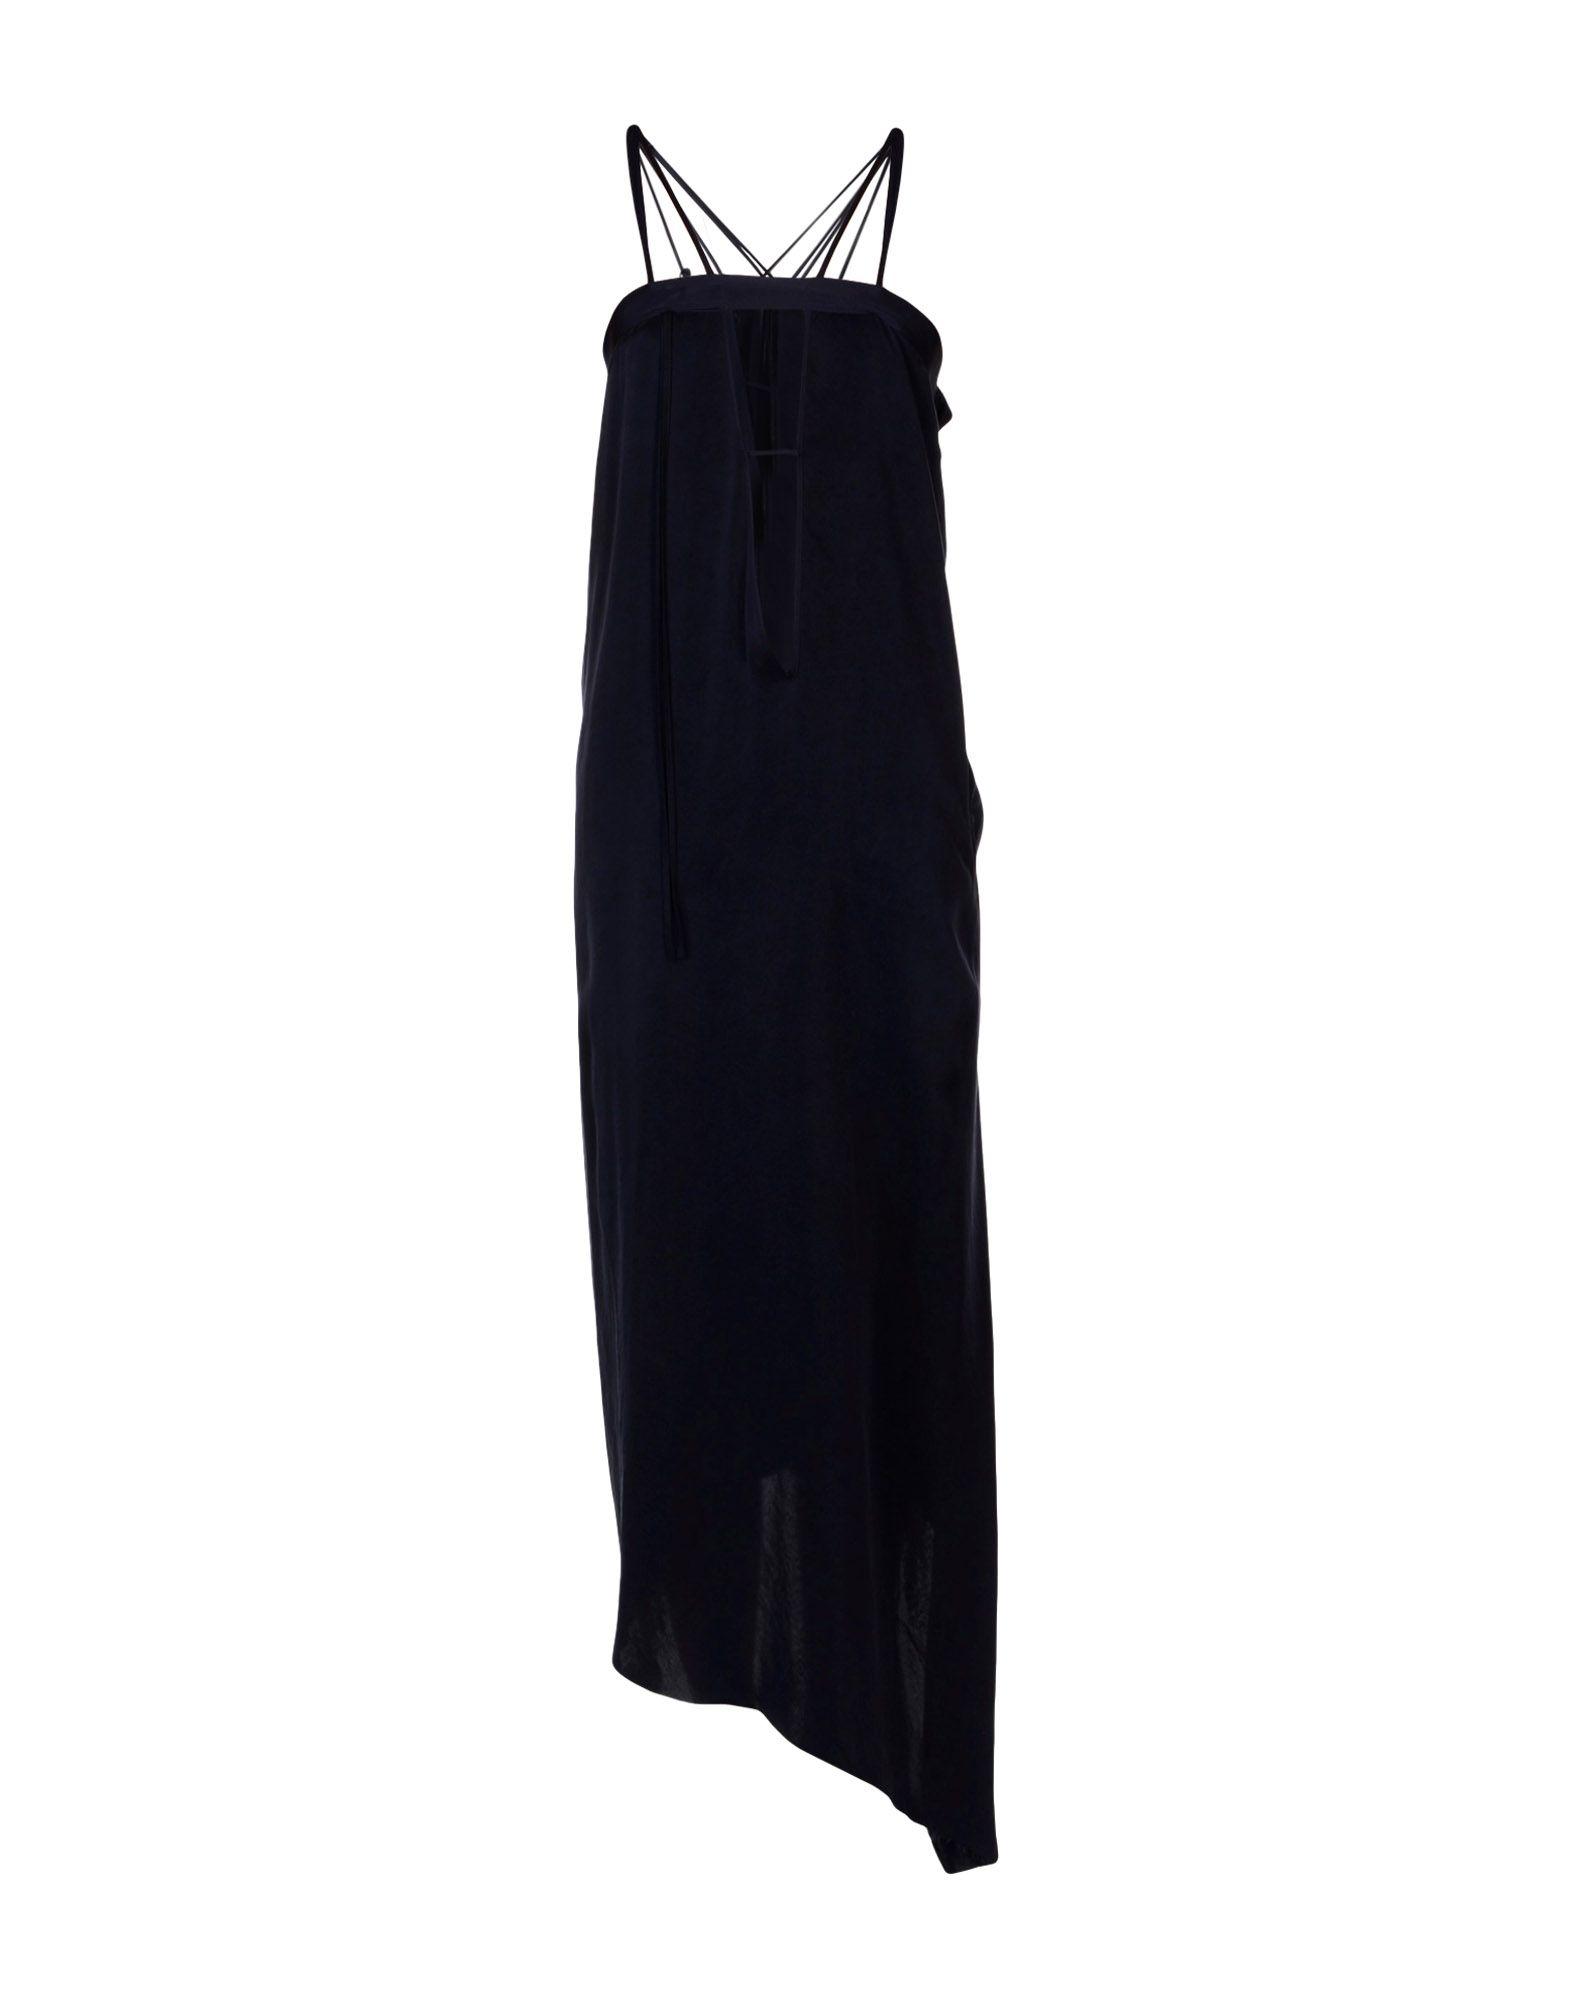 Vestito Lungo Dondup Donna - Acquista online su 9FLlO1TMs